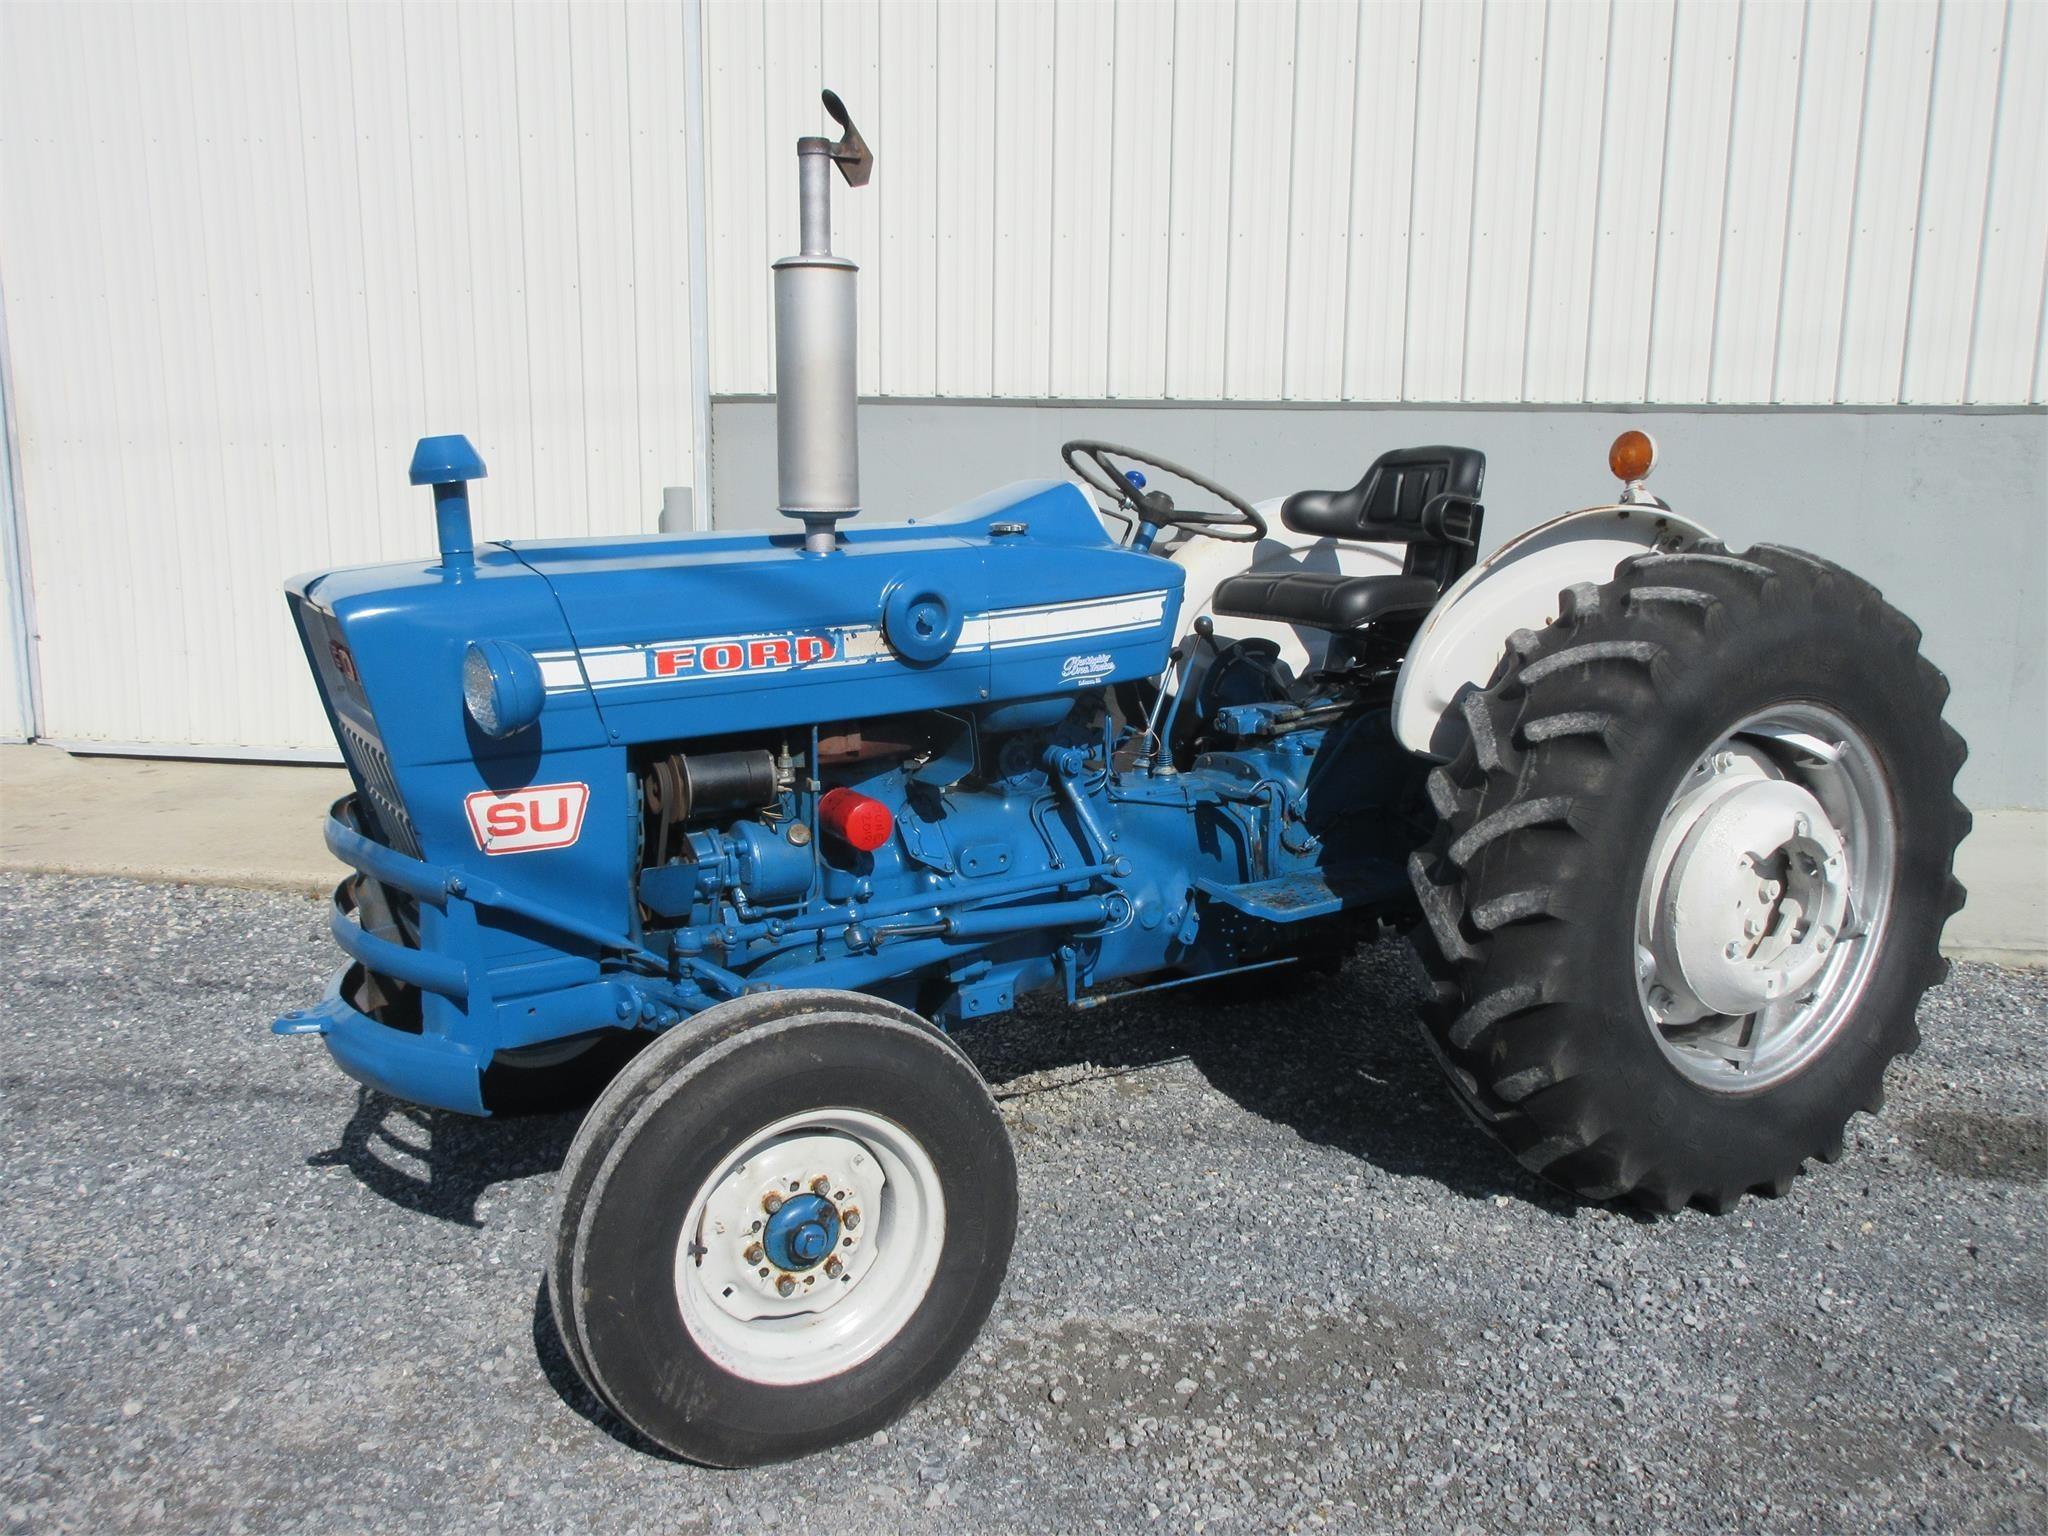 1973 Ford 4000SU Tractor